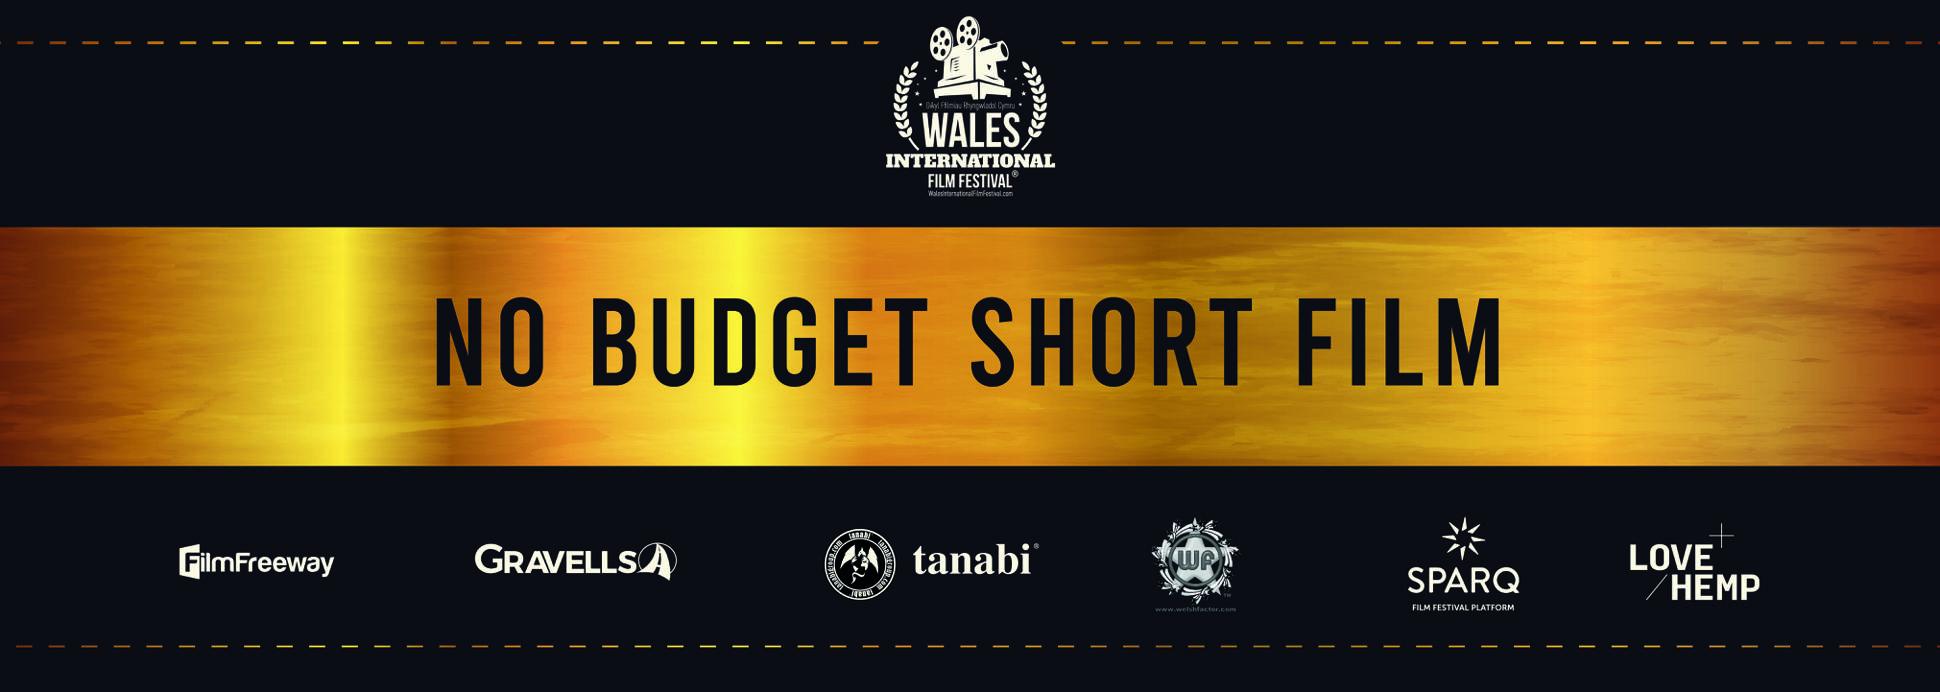 No Budget Short Film